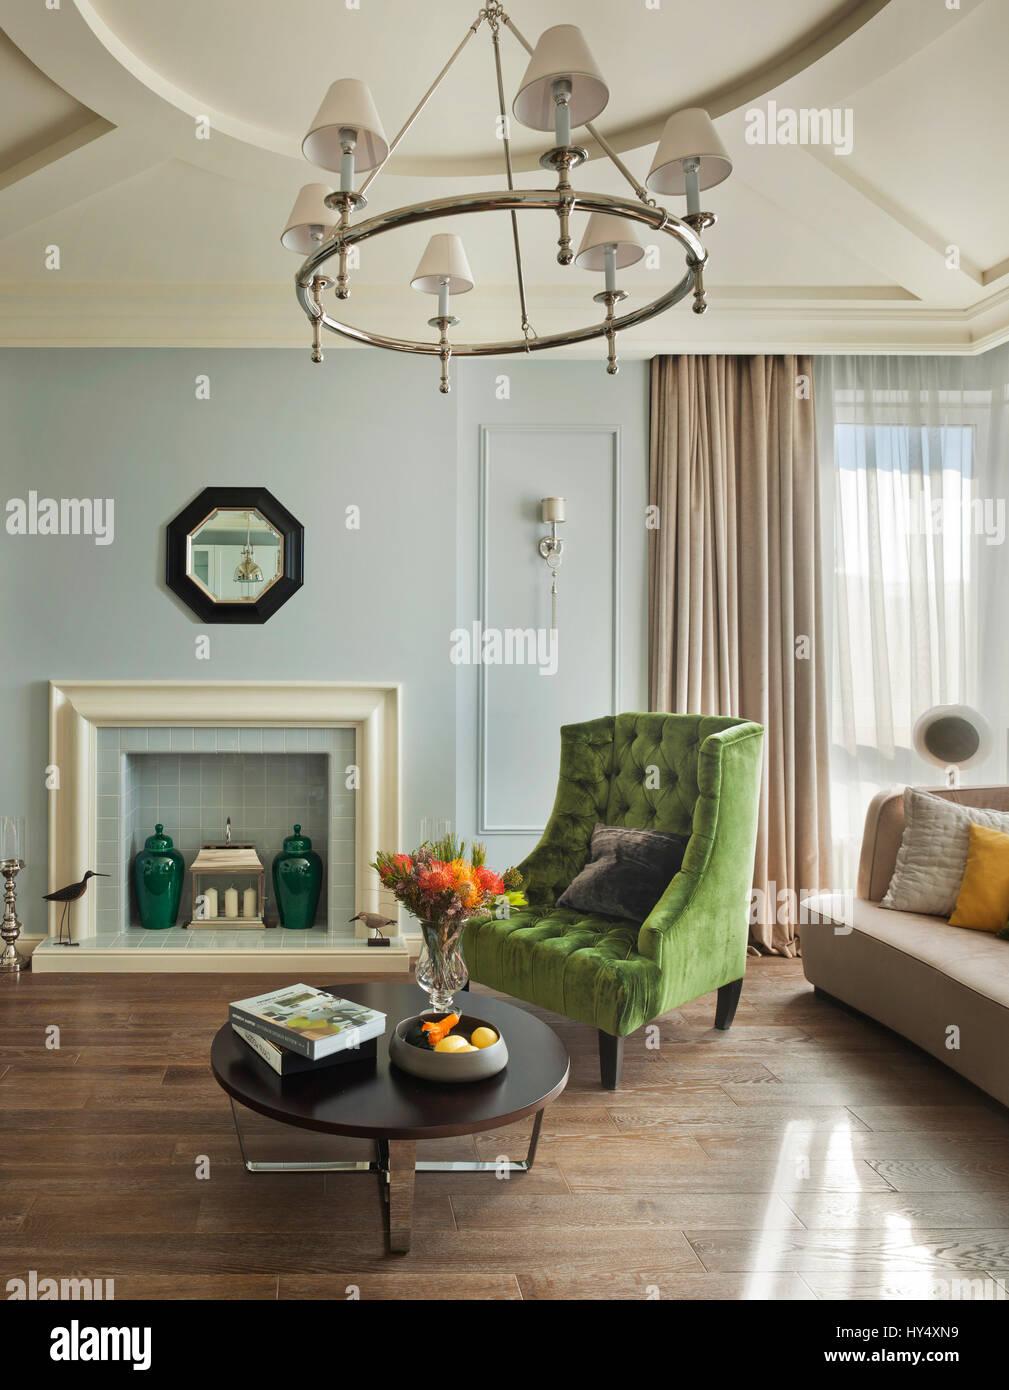 Luxus Wohnung Im Klassischen Stil In Moskau; Innenarchitektur, Klassiker,  Pastell, Wohnzimmer, Zimmer, Einrichtung, Design, Exklusiv, Lebensstil,  Reichen,